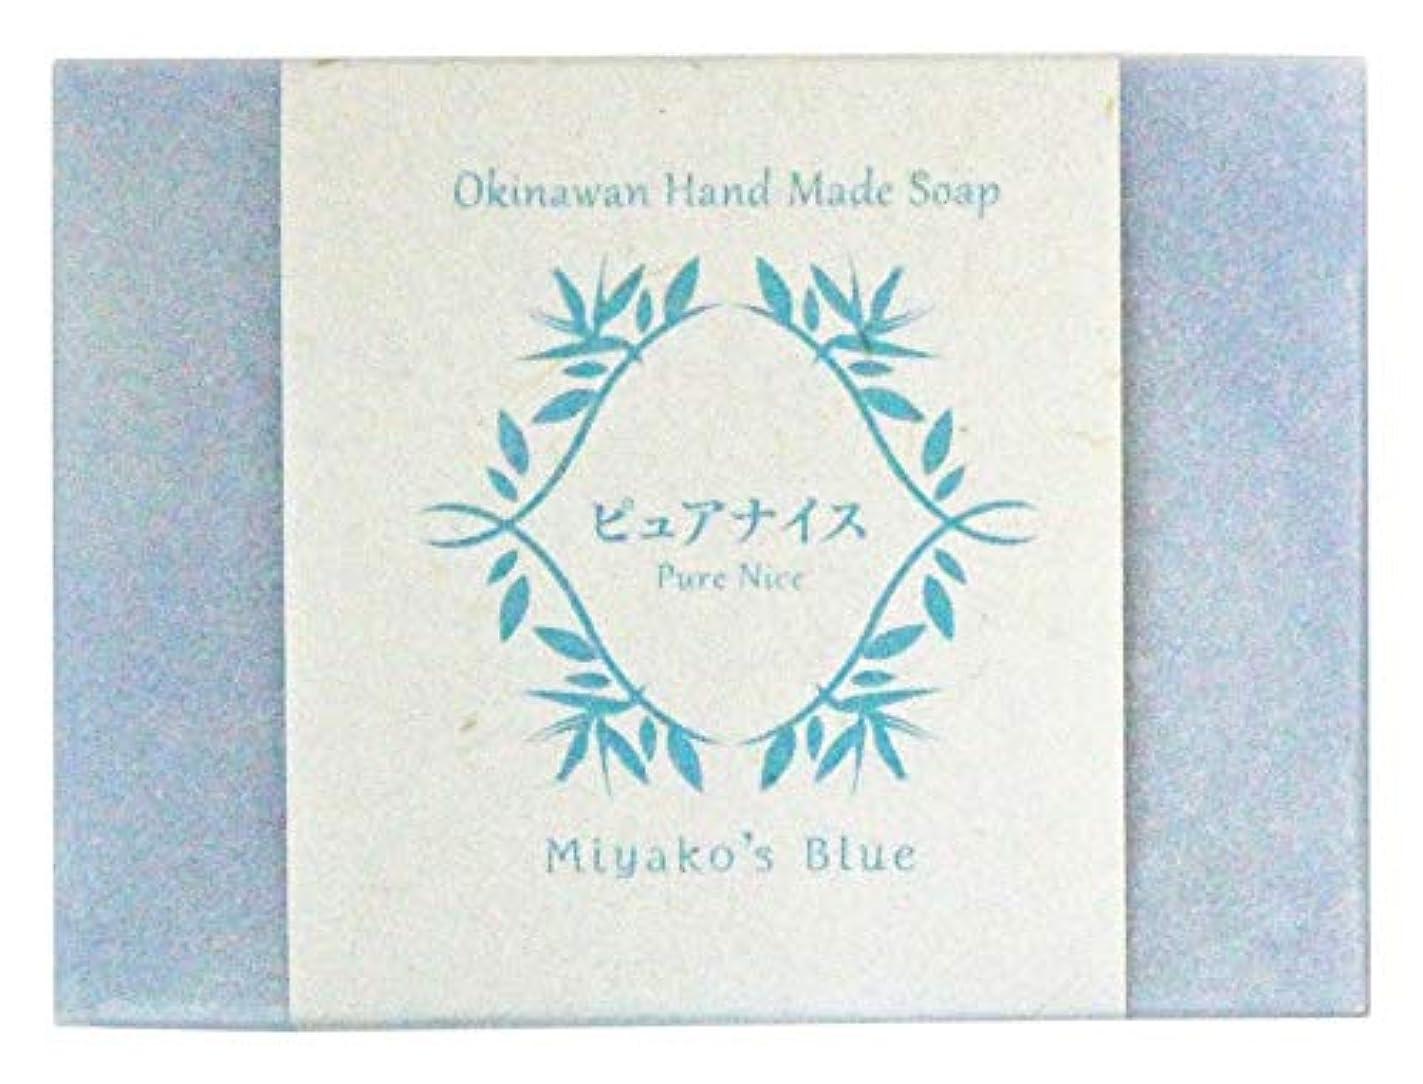 喜劇眼下線ピュアナイス おきなわ素材石けん Mikako's Blue 100g